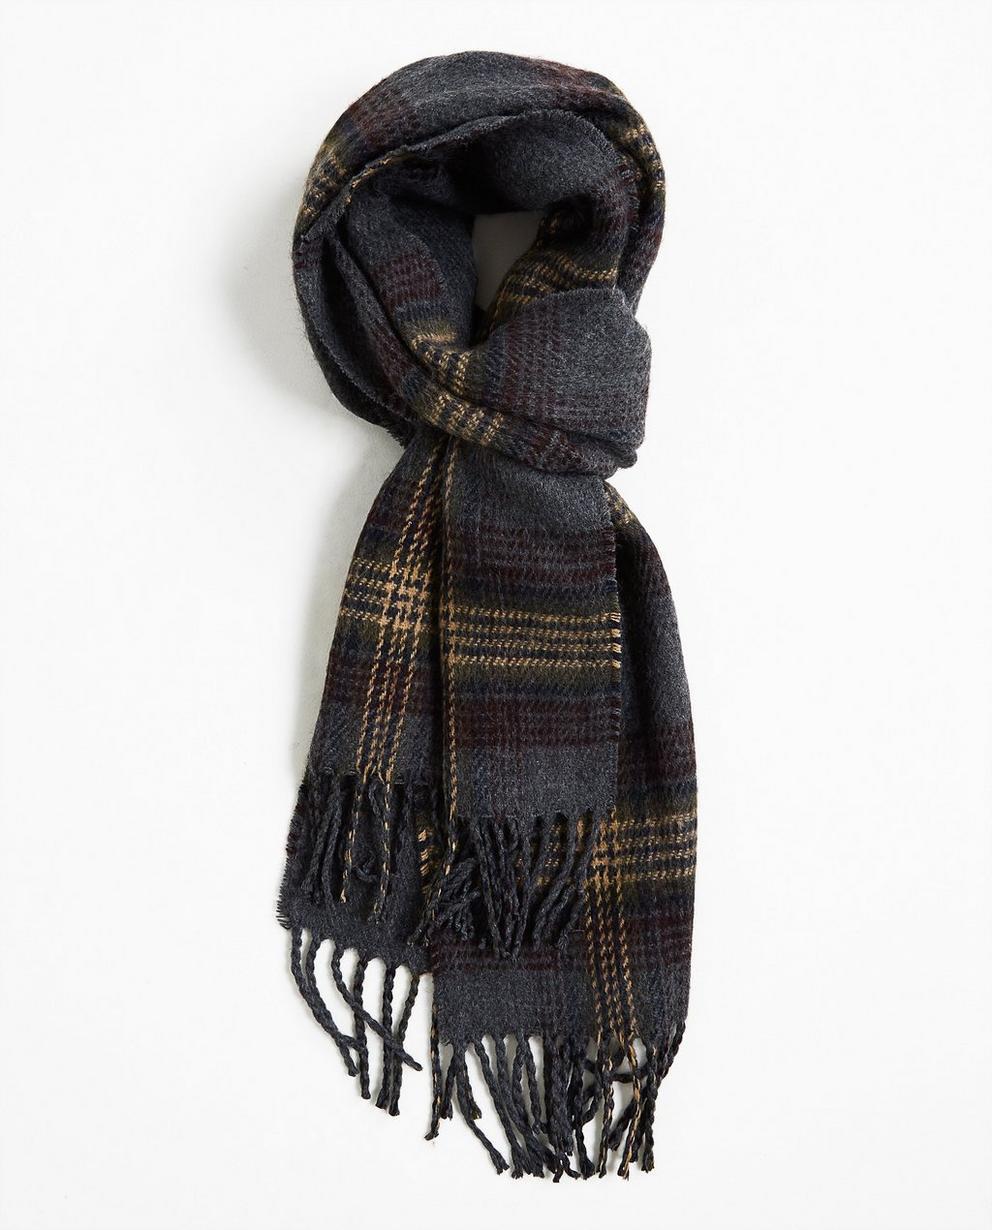 Donkergrijze warme sjaal - met strepen in beige en bruin - Tim Moore